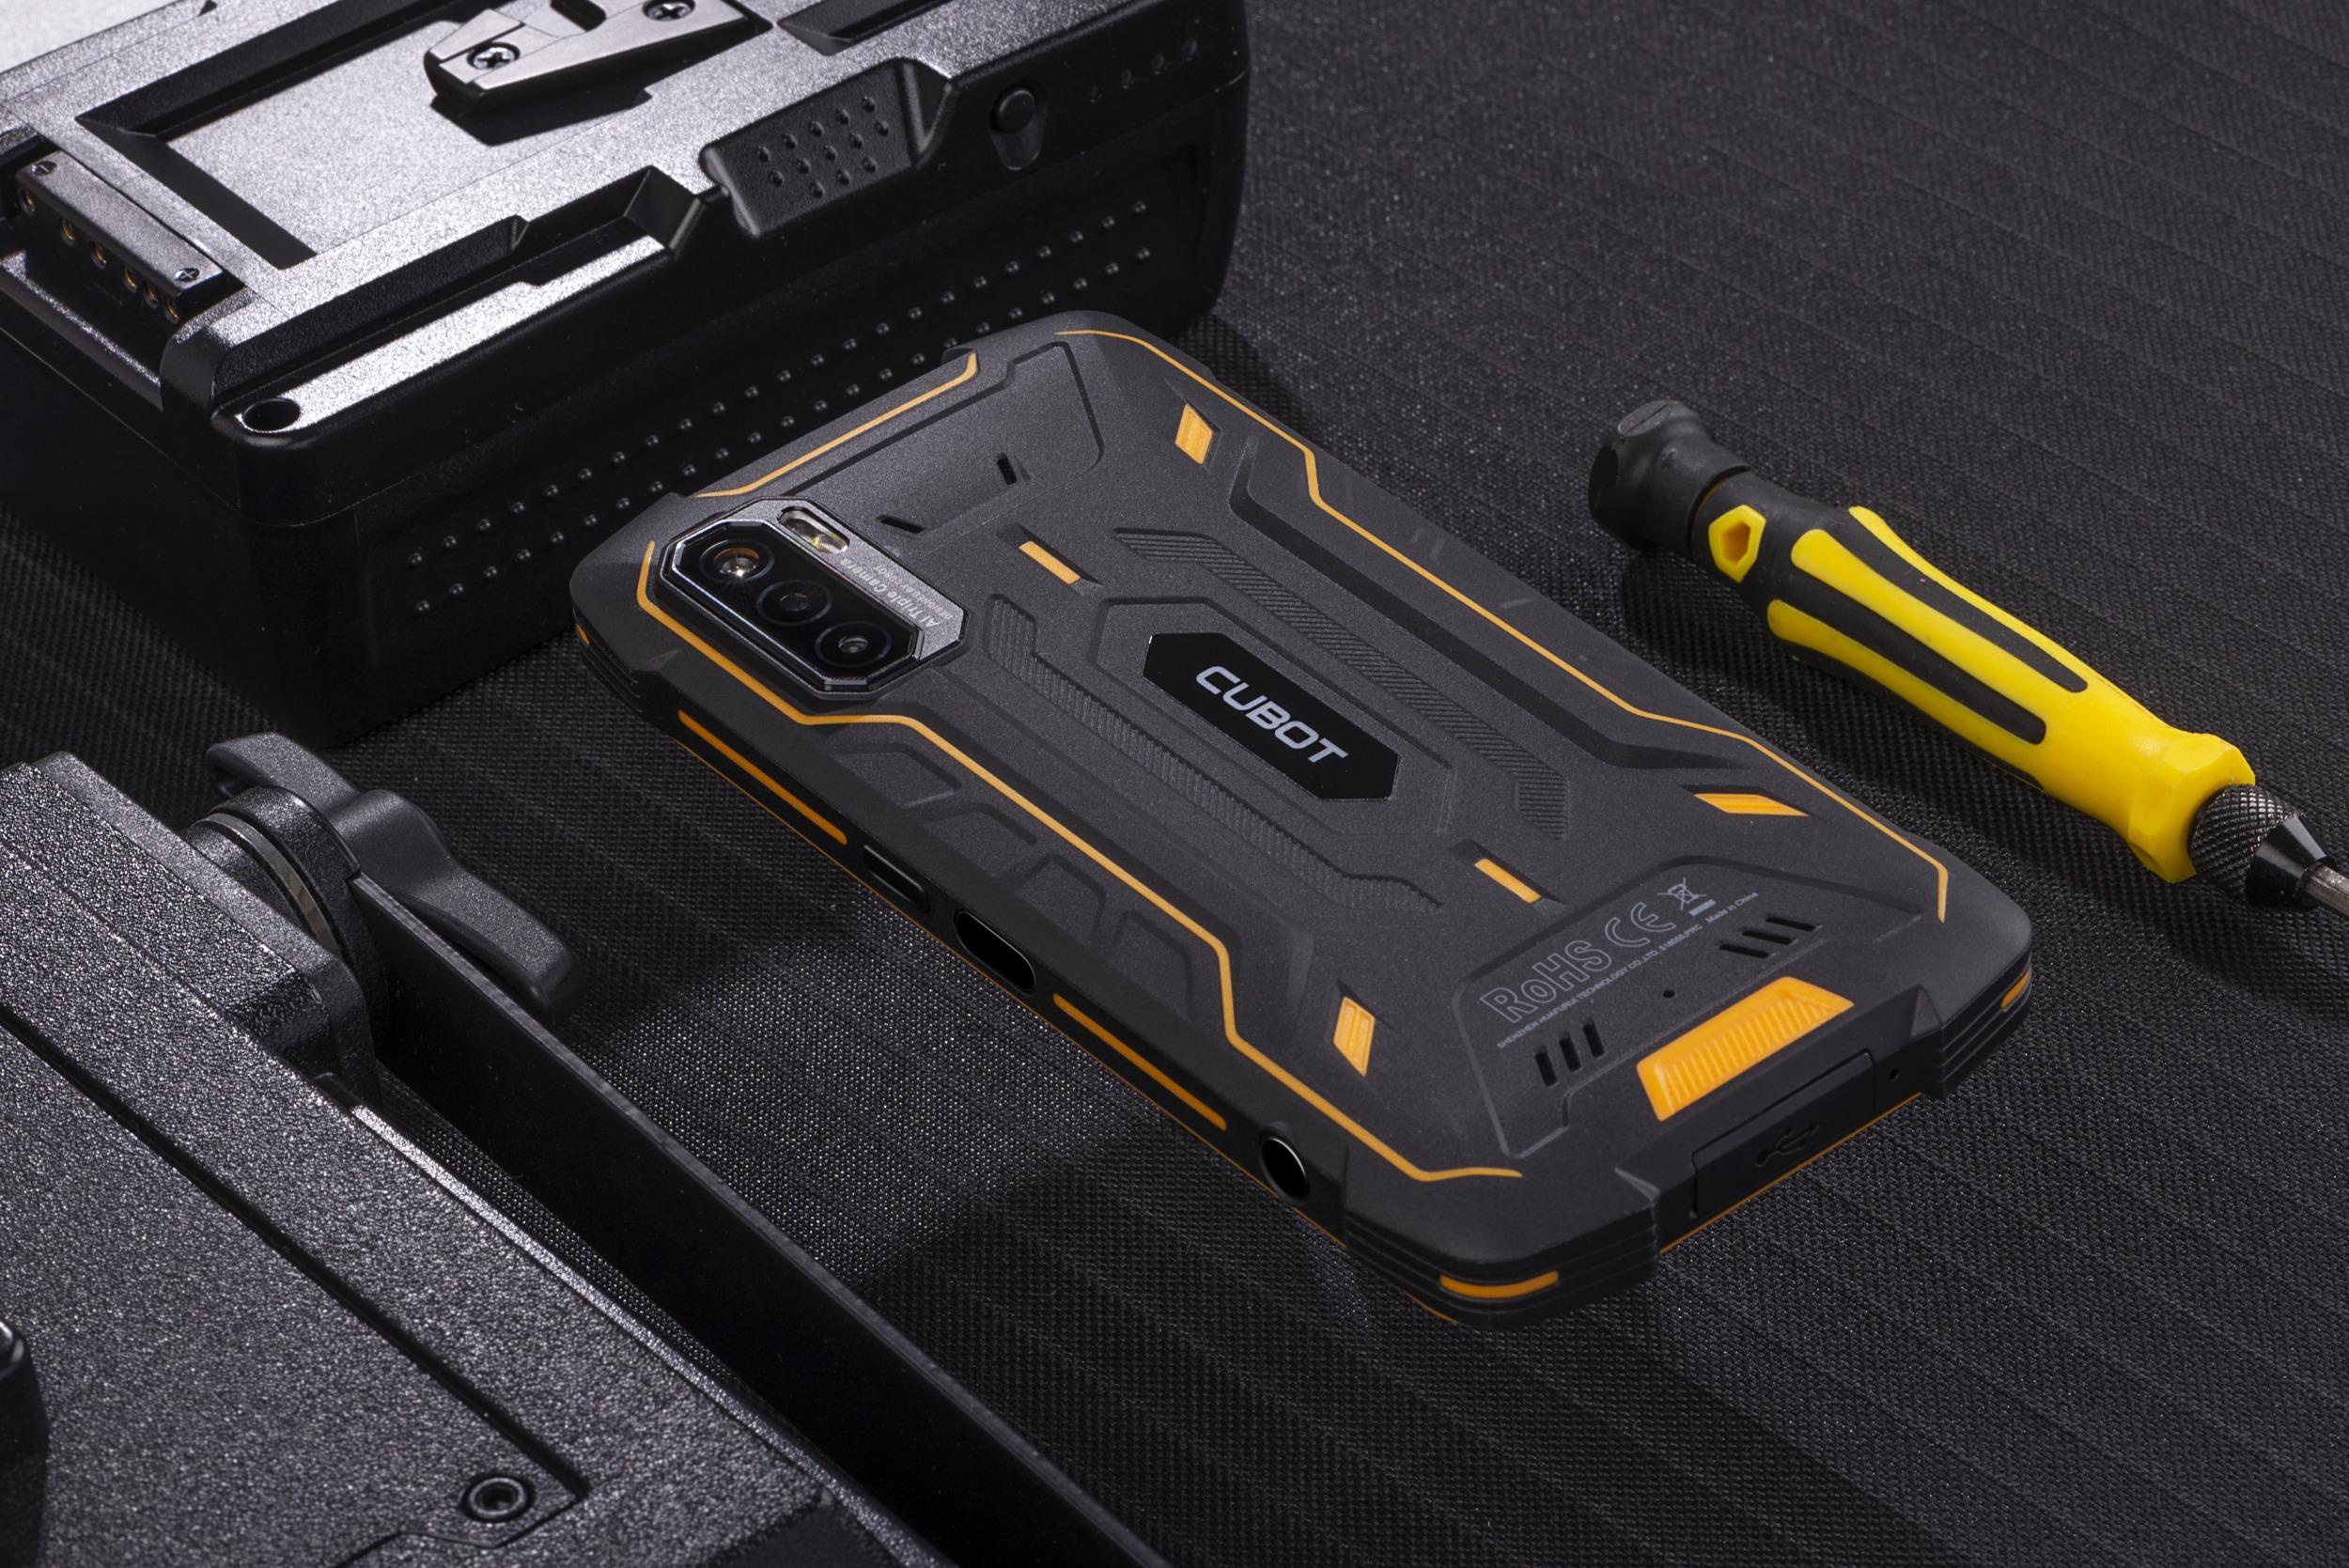 Cubot KingKong 5 Pro s 8000mAh baterií je tady a rovnou v akci za 2850 Kč [sponzorovaný článek]